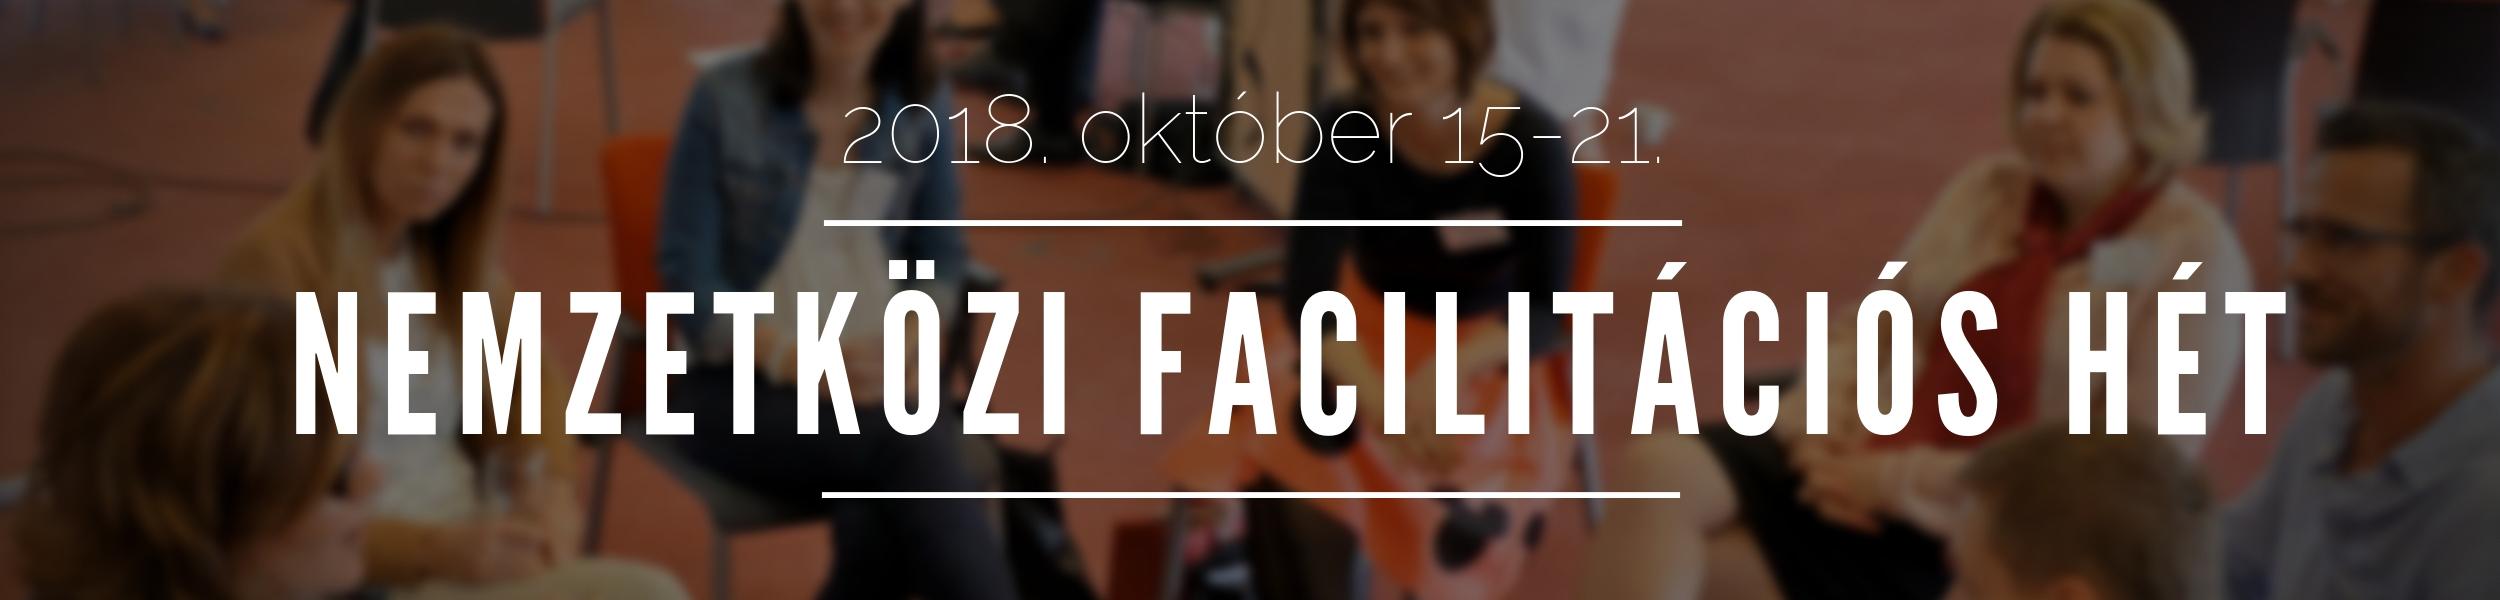 Nemzetközi Facilitációs Hét